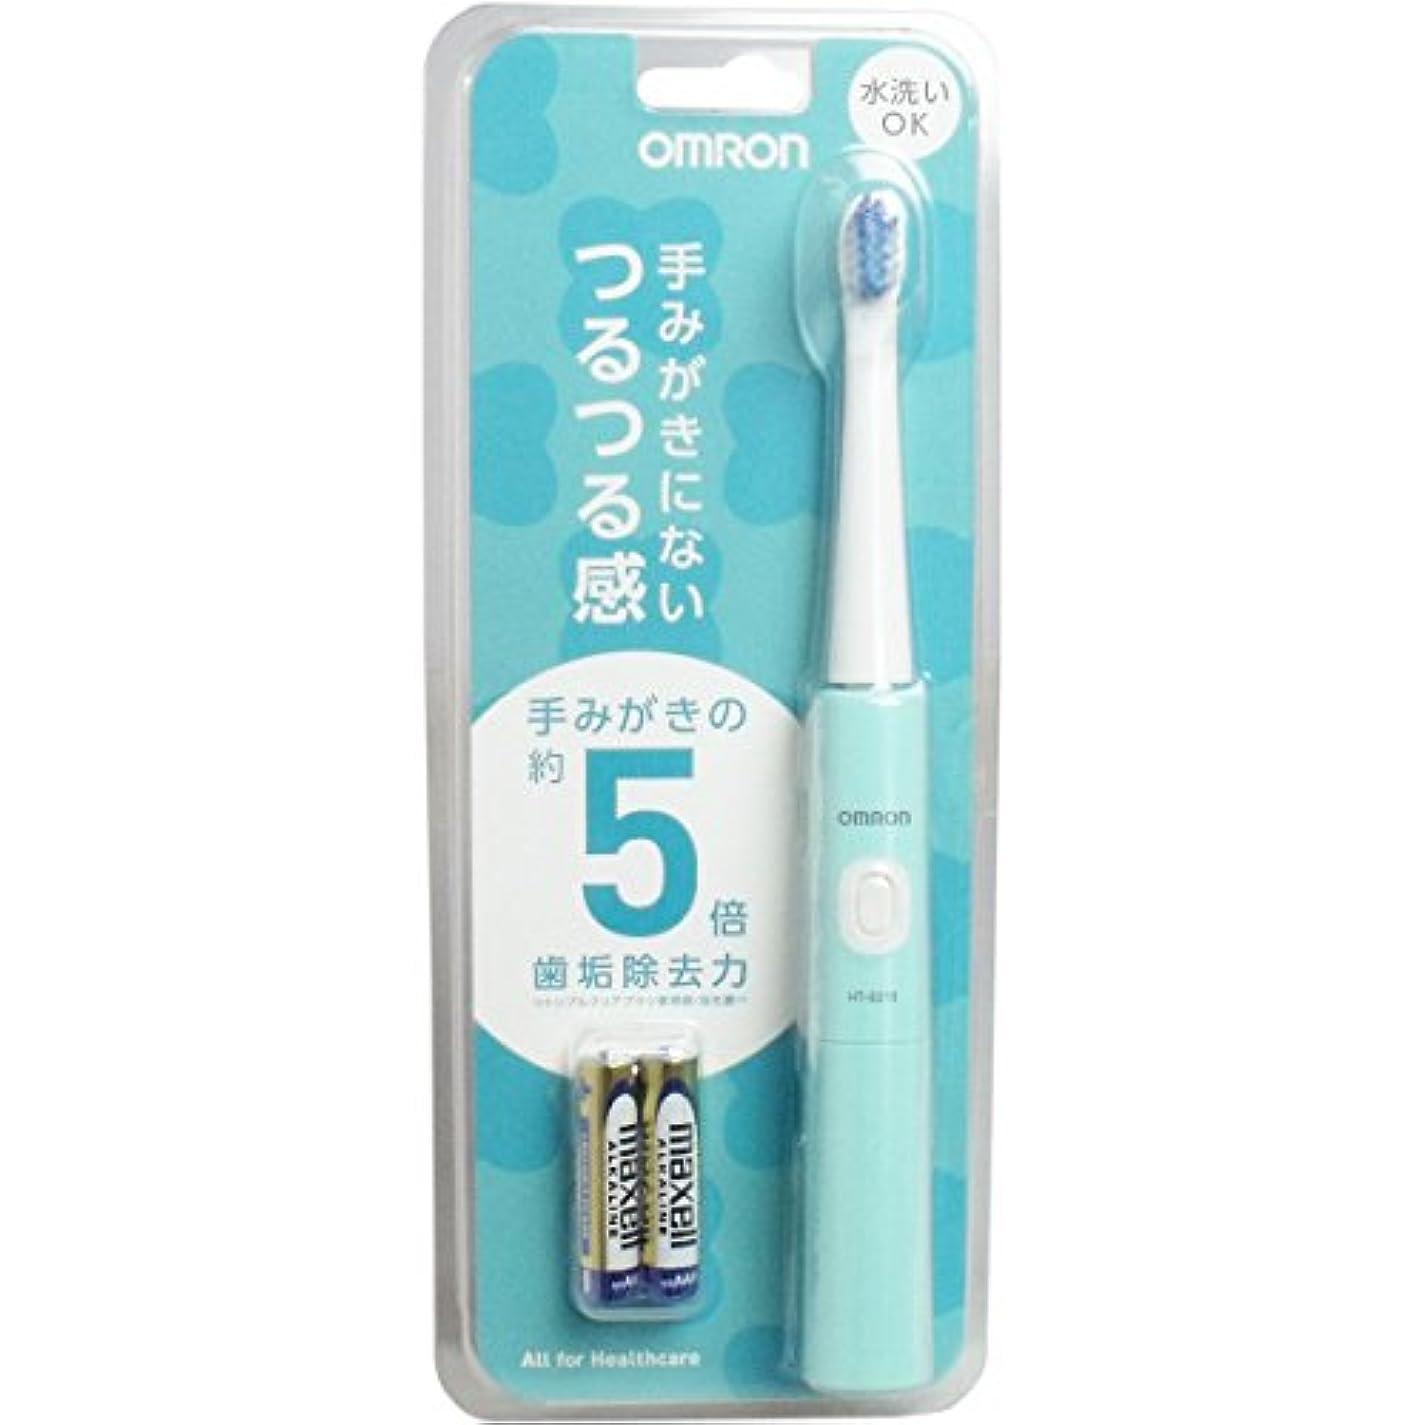 厄介なインキュバスウイルスオムロンヘルスケア 音波式電動歯ブラシ ミントグリーン HT-B210-G